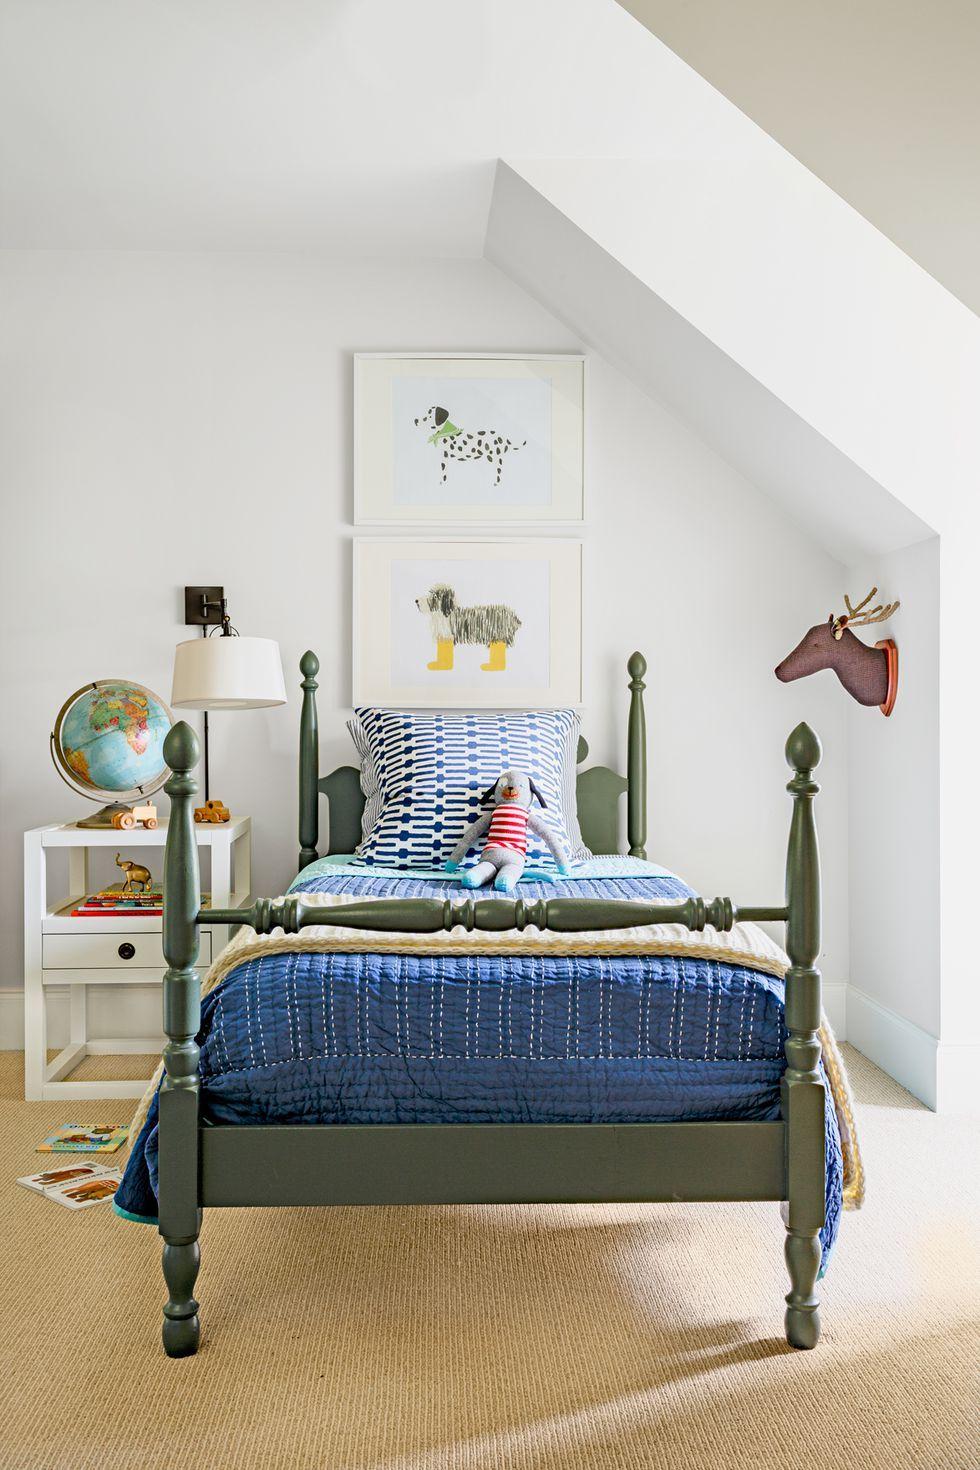 Best Green Bedroom Design Ideas For Kids Novocom Top